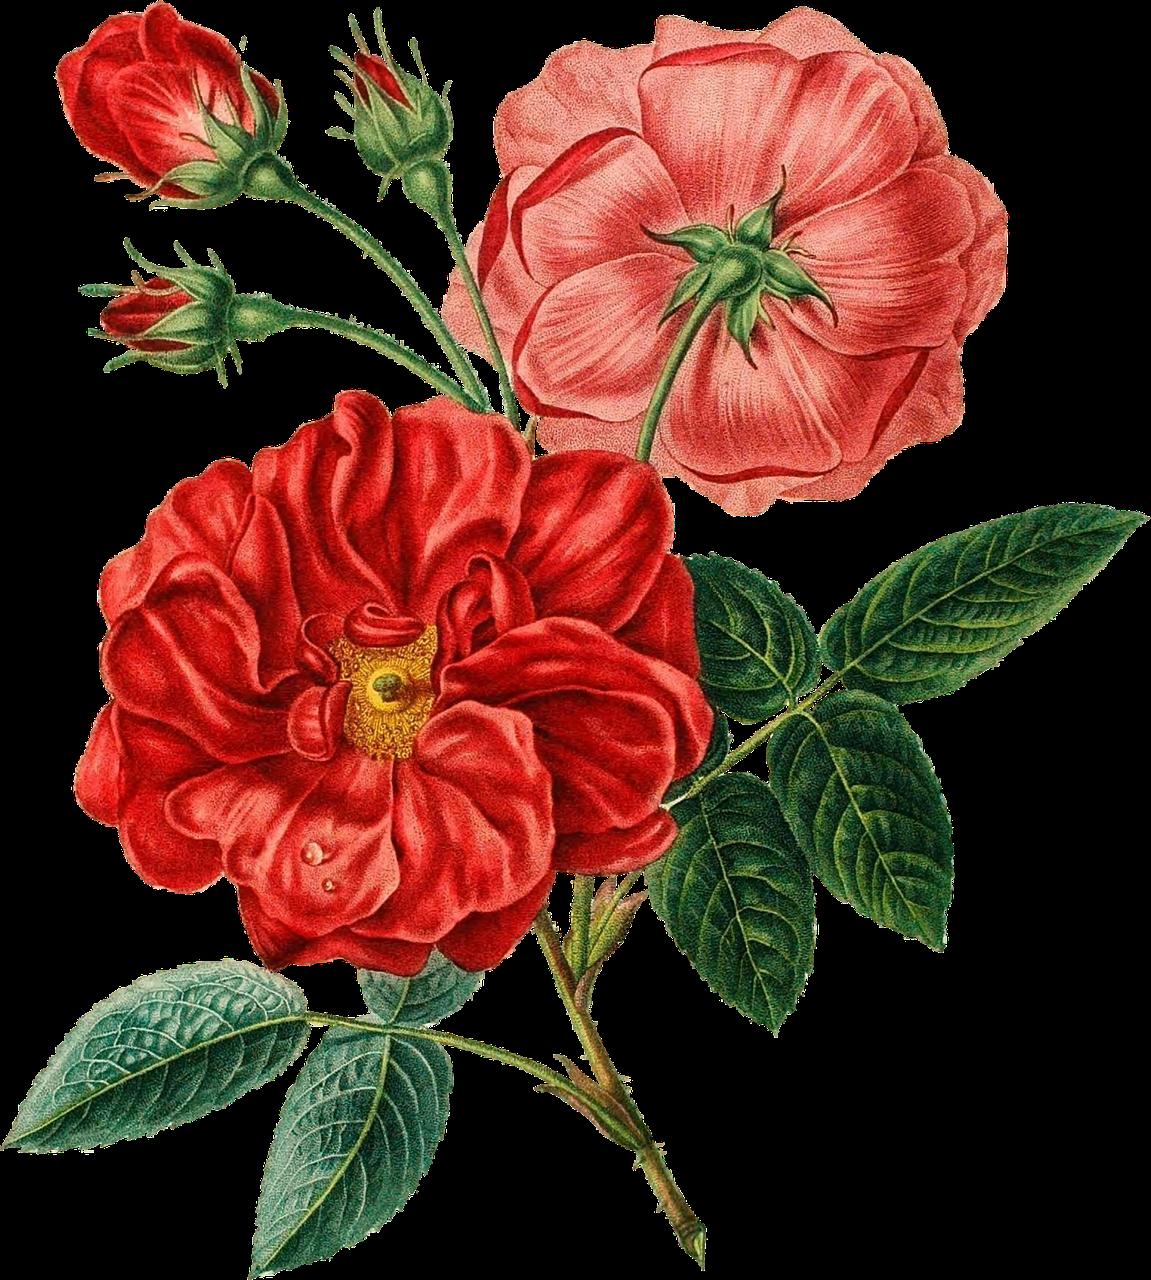 floral-illustration